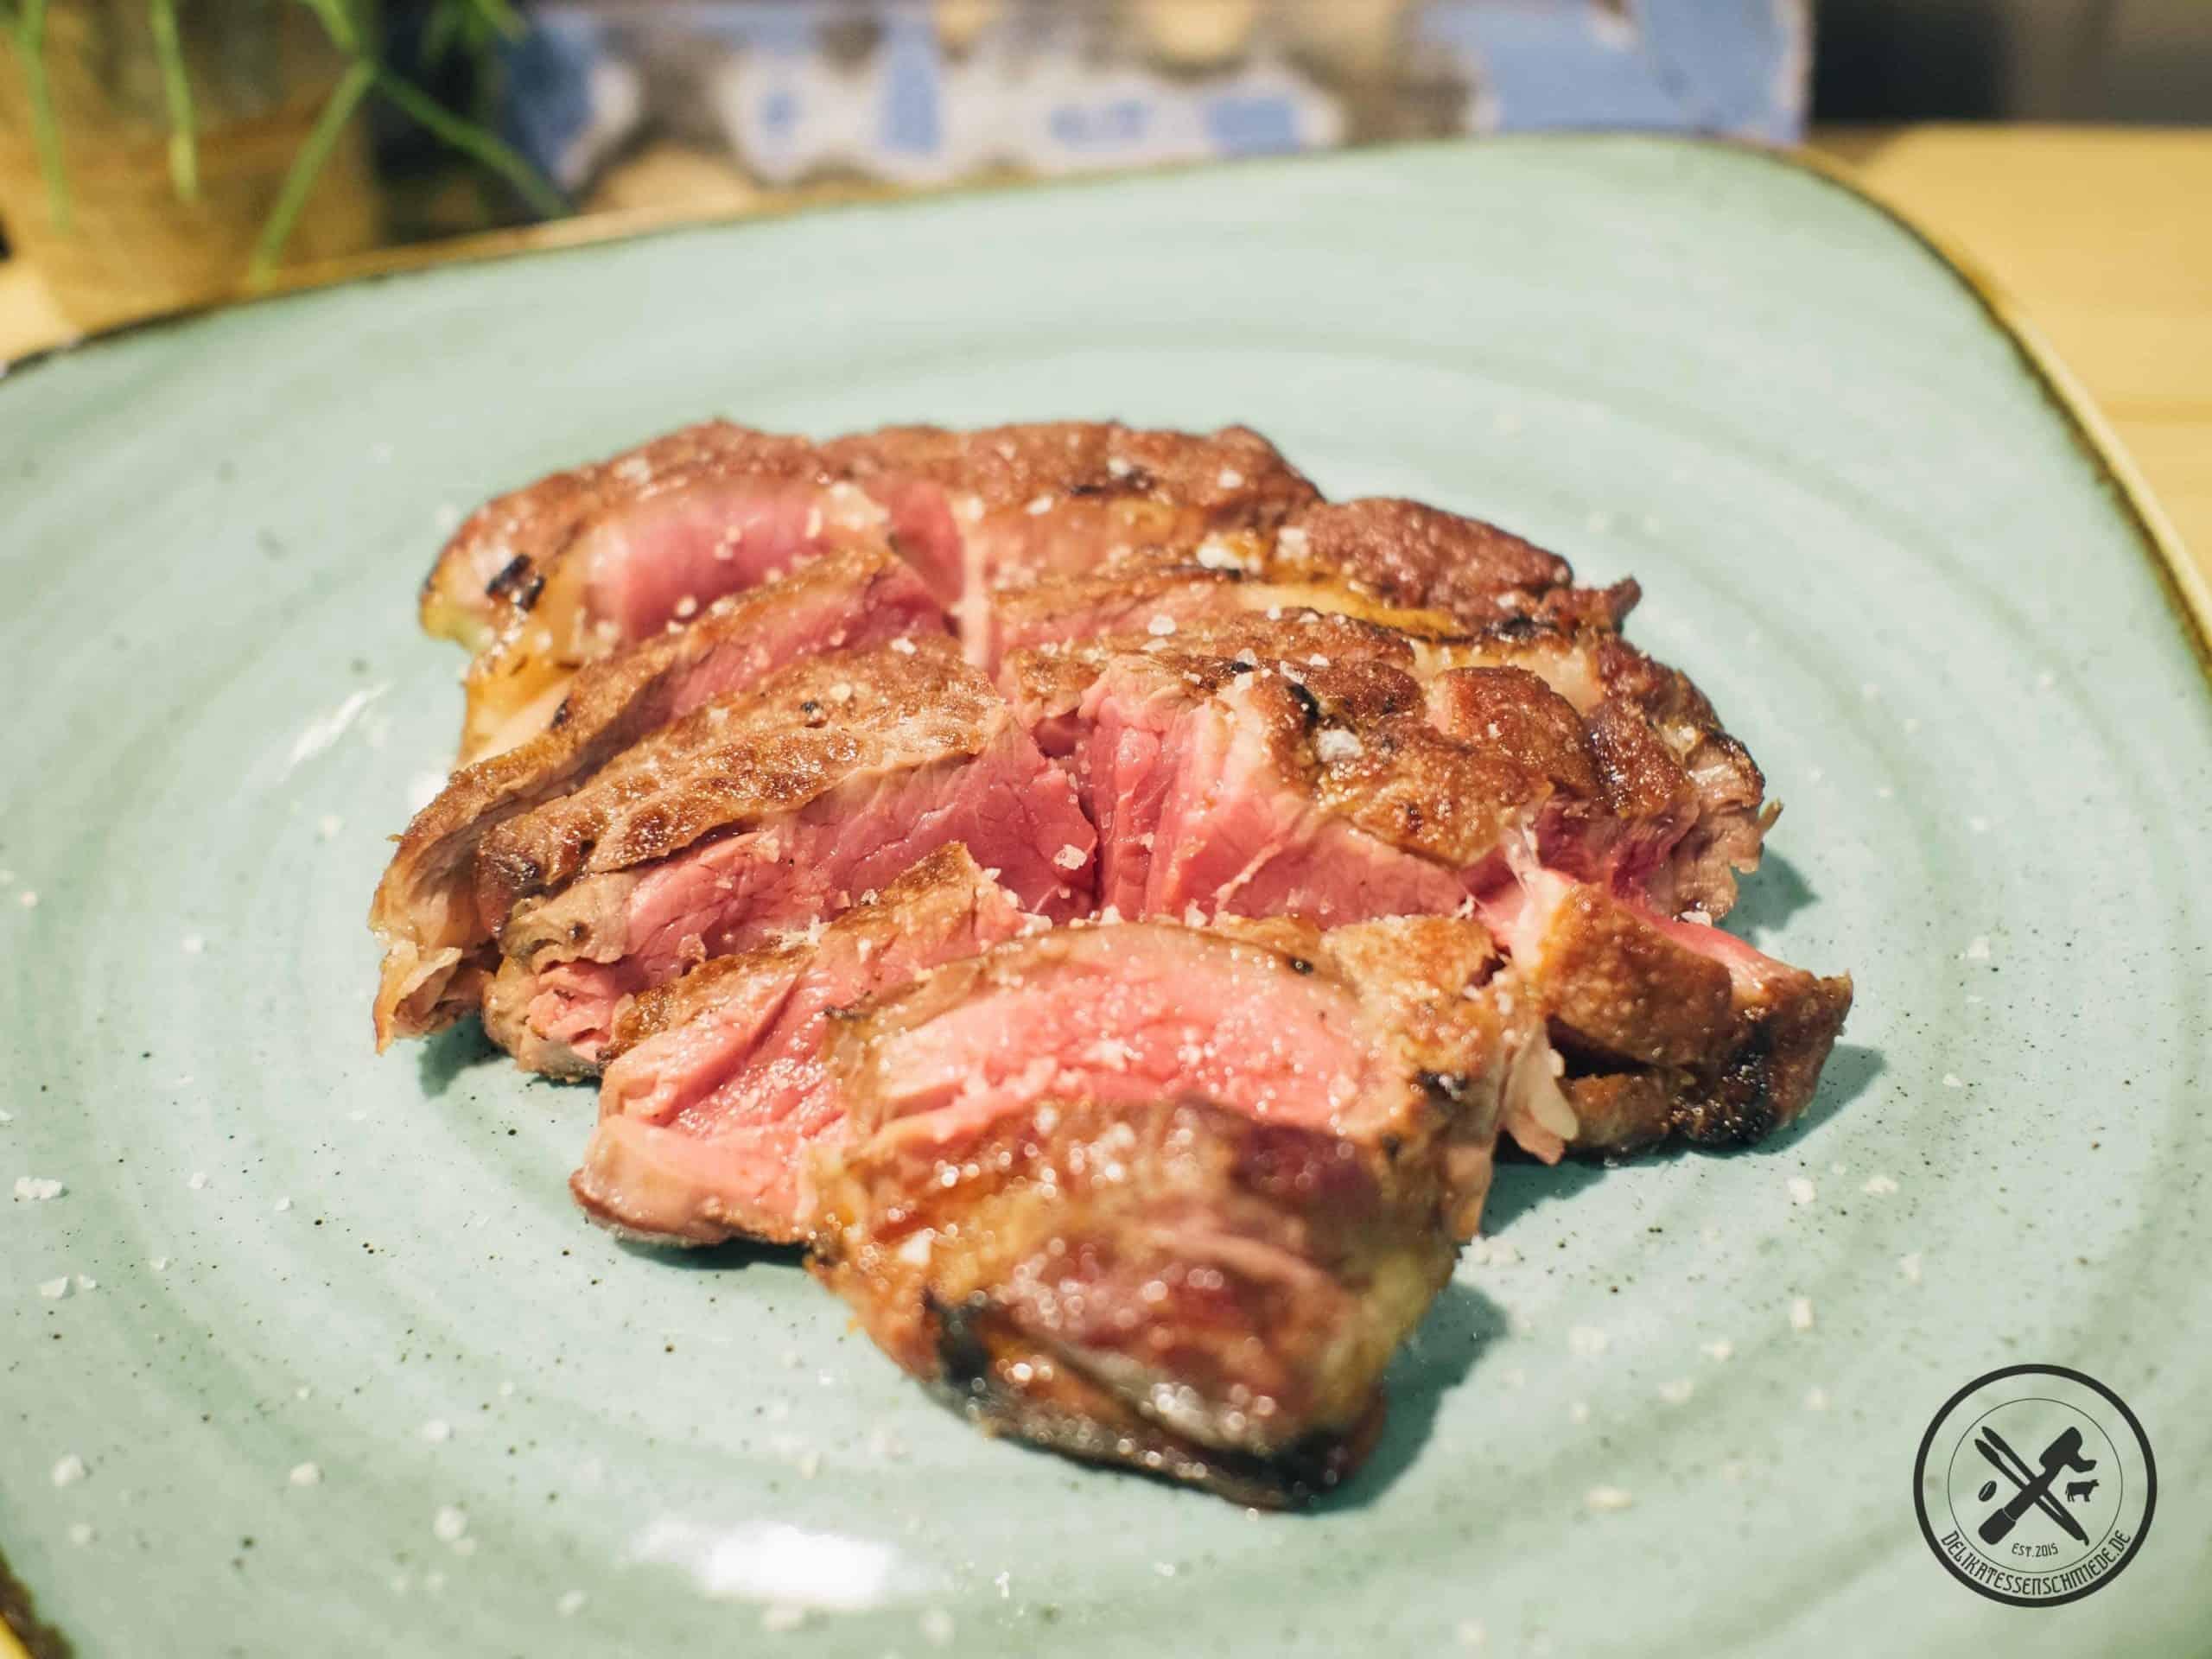 After_work_Steak-4